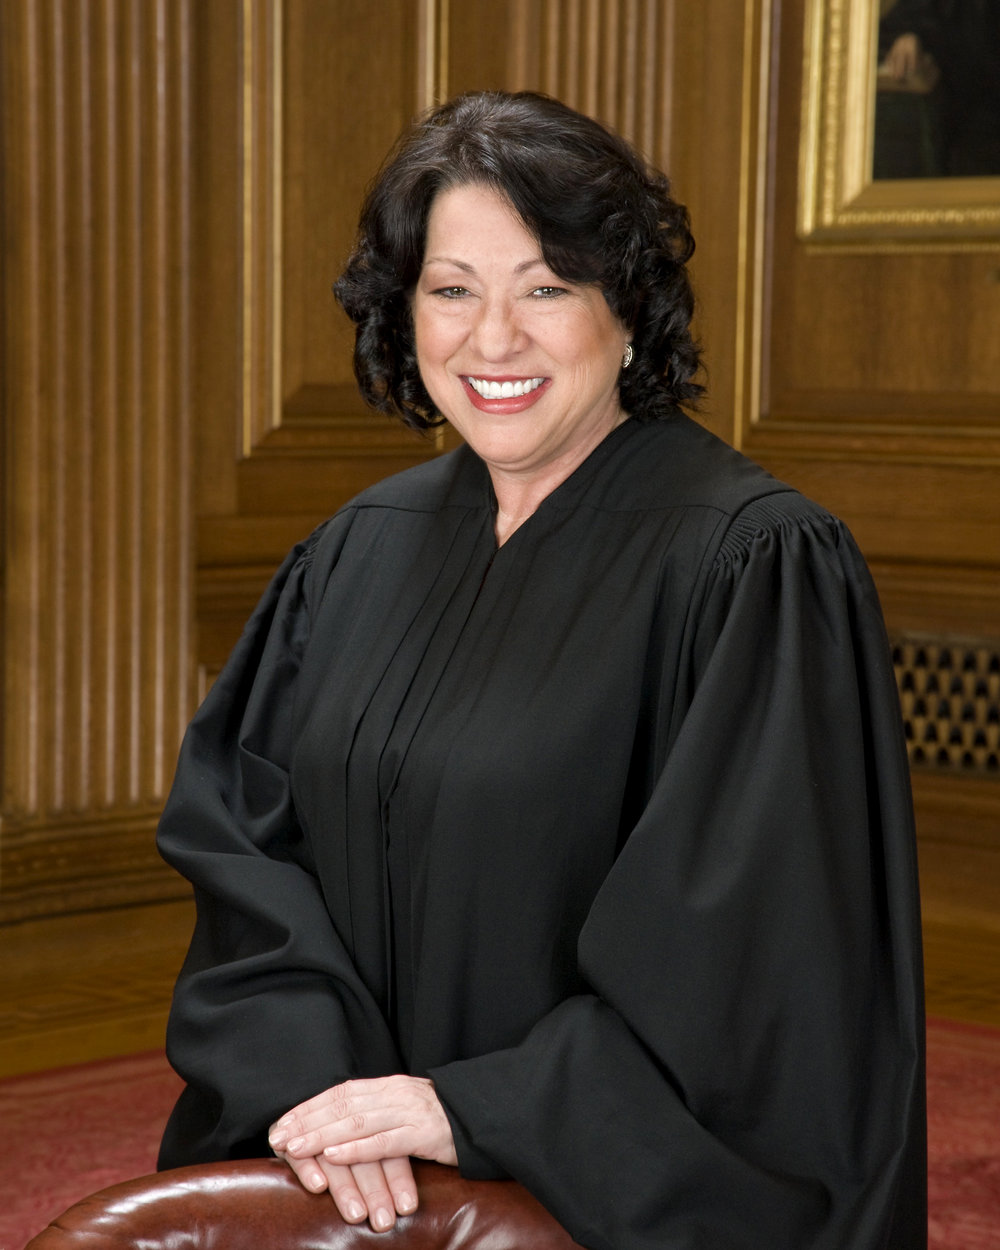 Sonia_Sotomayor_in_SCOTUS_robe.jpg